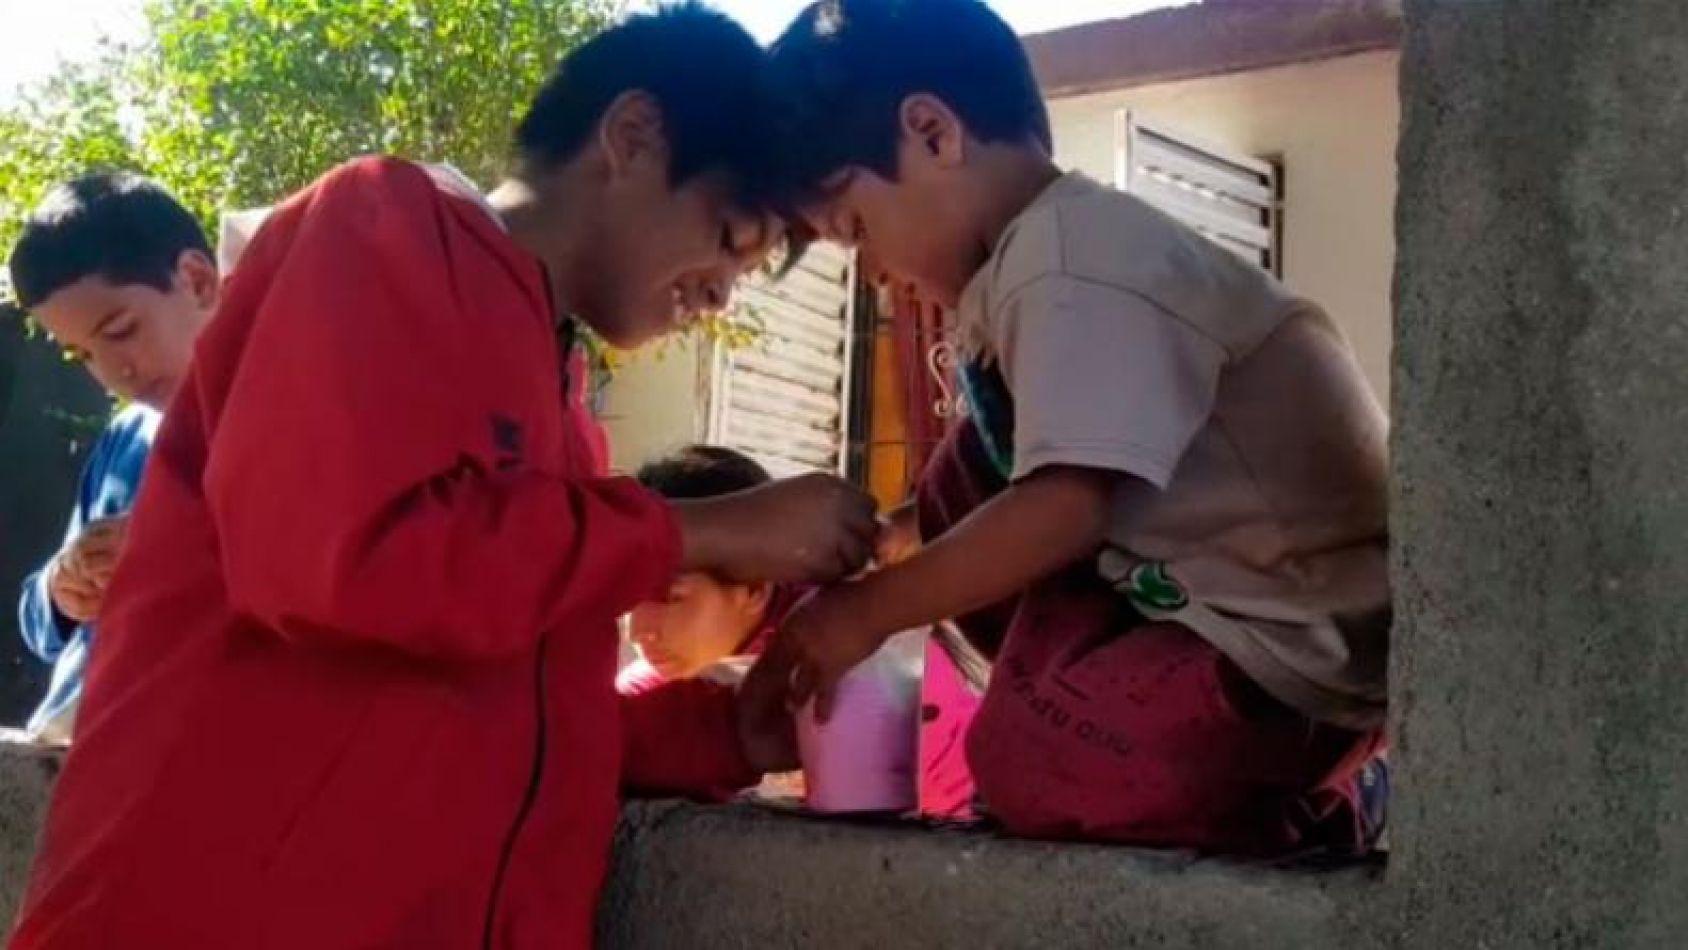 Una mujer lleva a su hijo al hospital para que le hagan análisis. Foto: AFP.